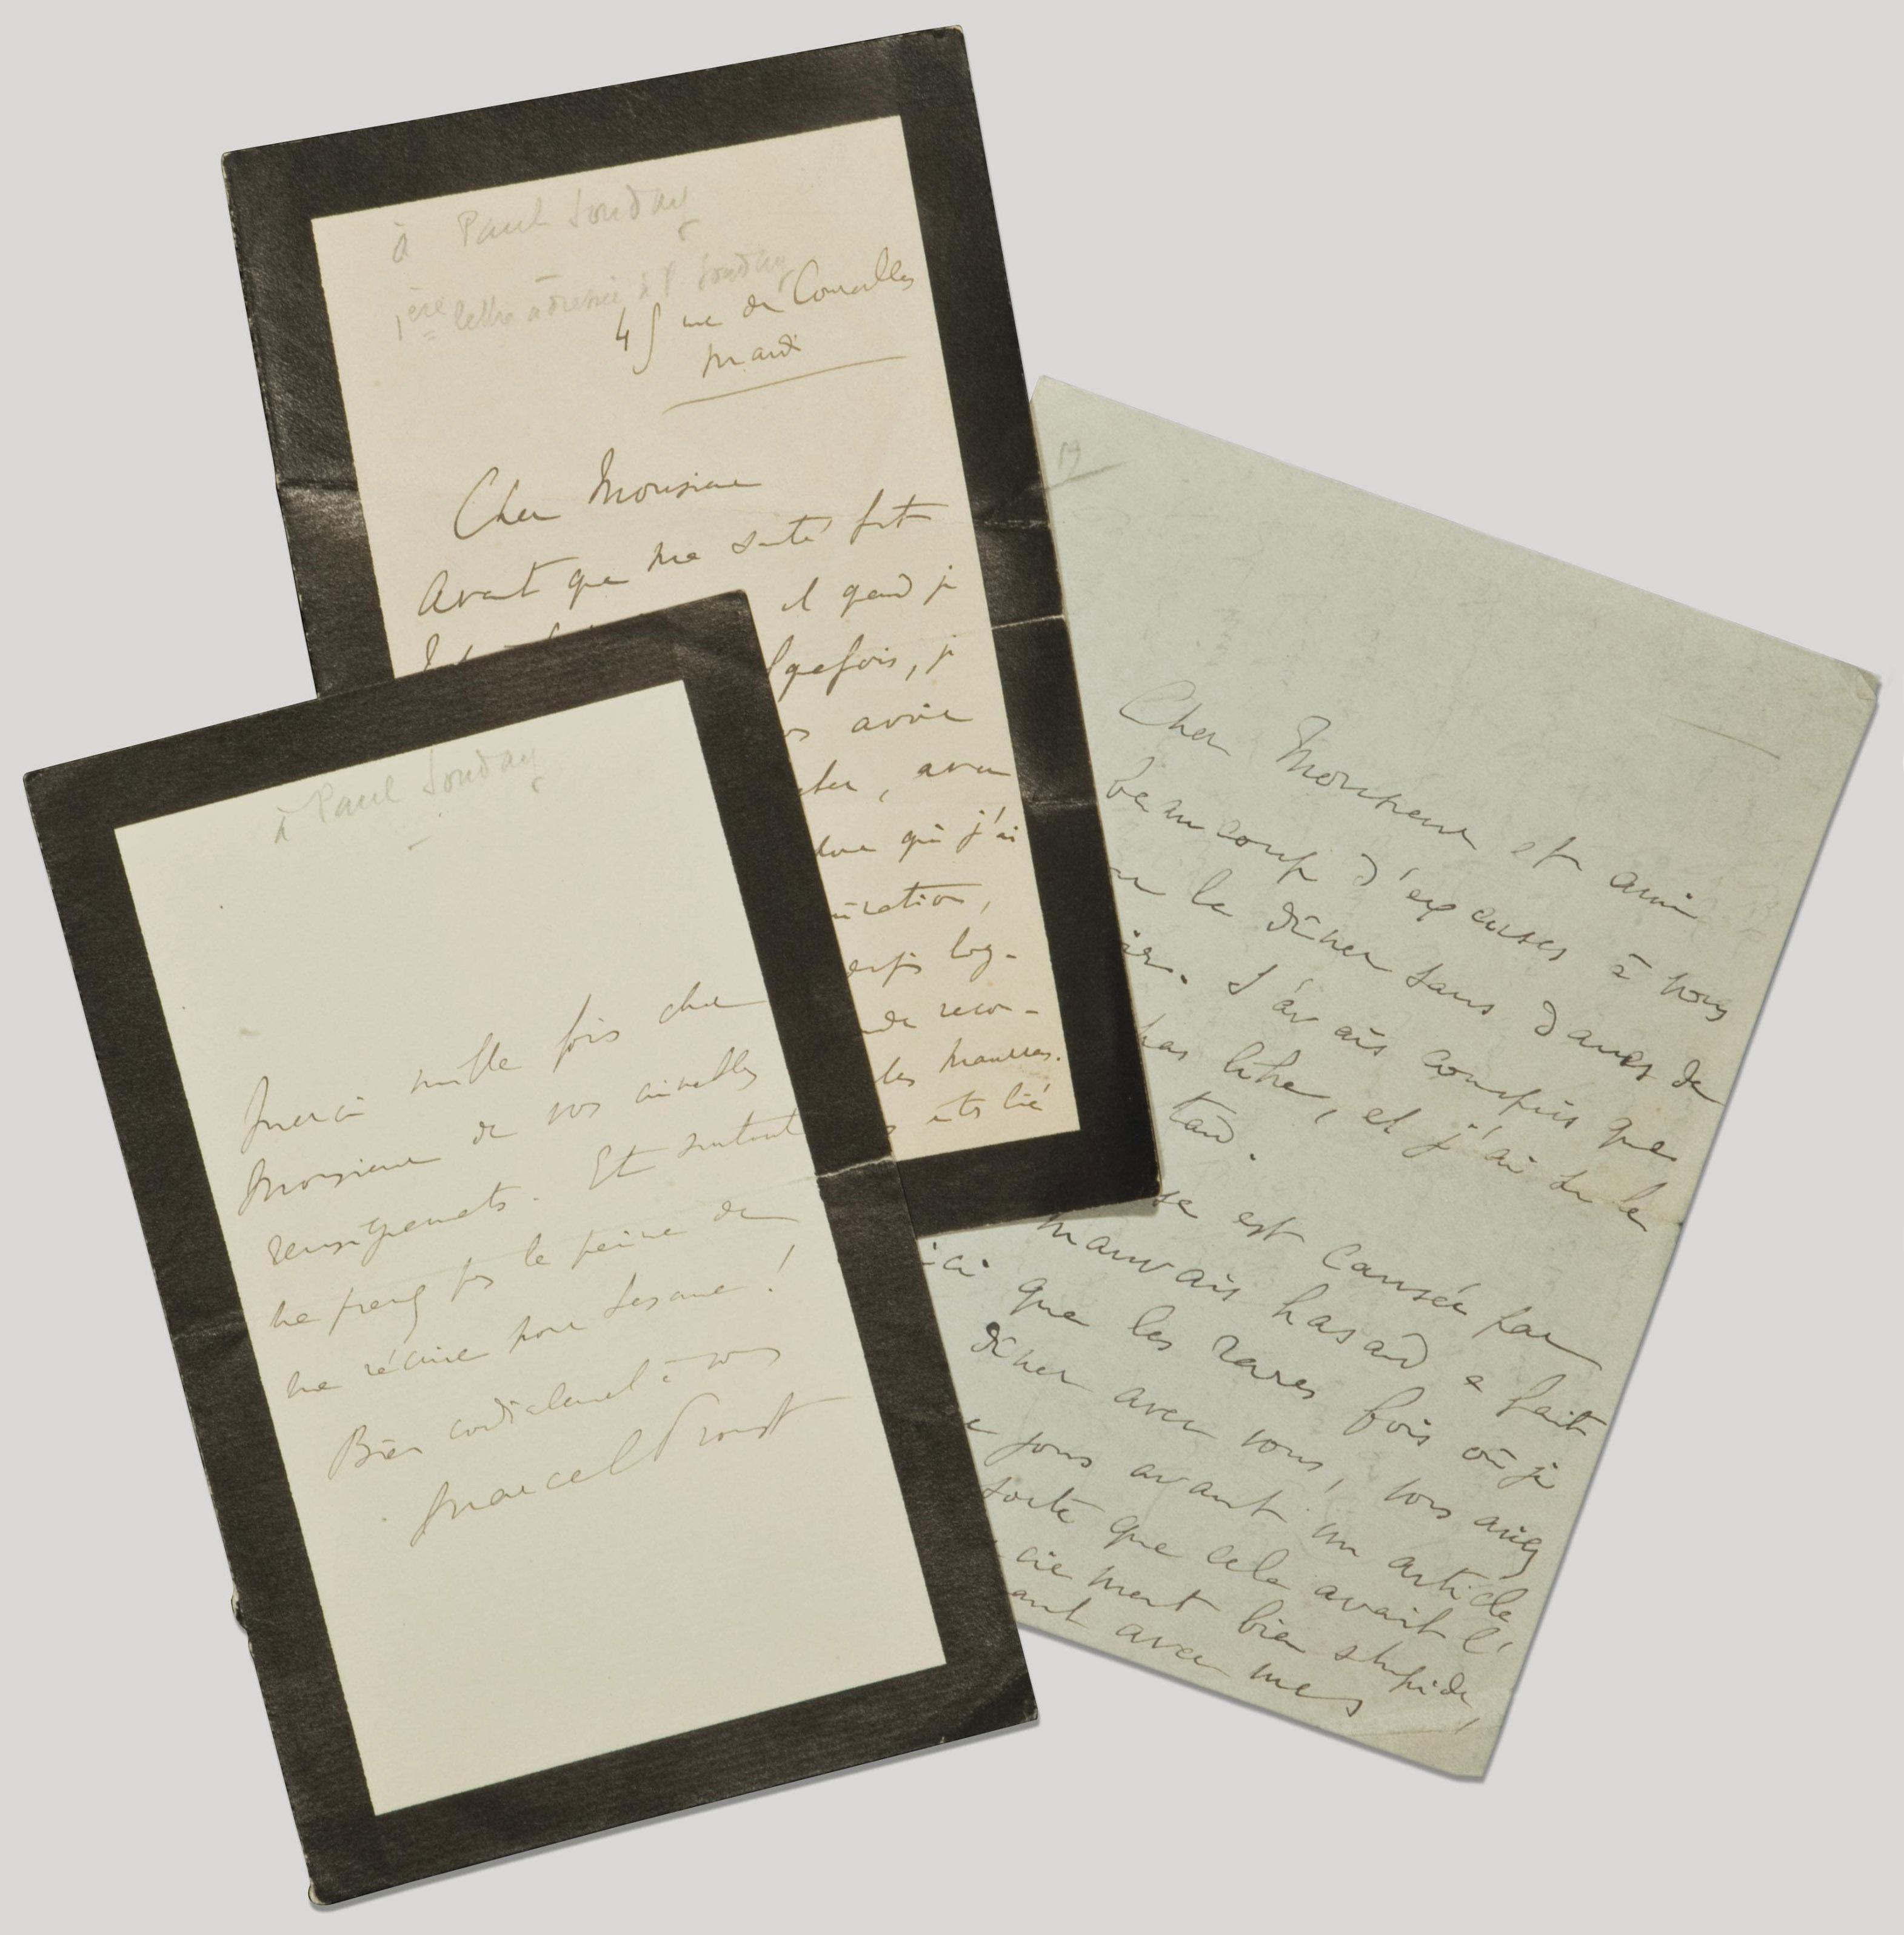 """PROUST, Marcel (1871-1922). Lettre autographe signée """"Marcel Proust"""" au critique littéraire Paul Souday (1869-1929), auteur d'une biographie de Proust."""